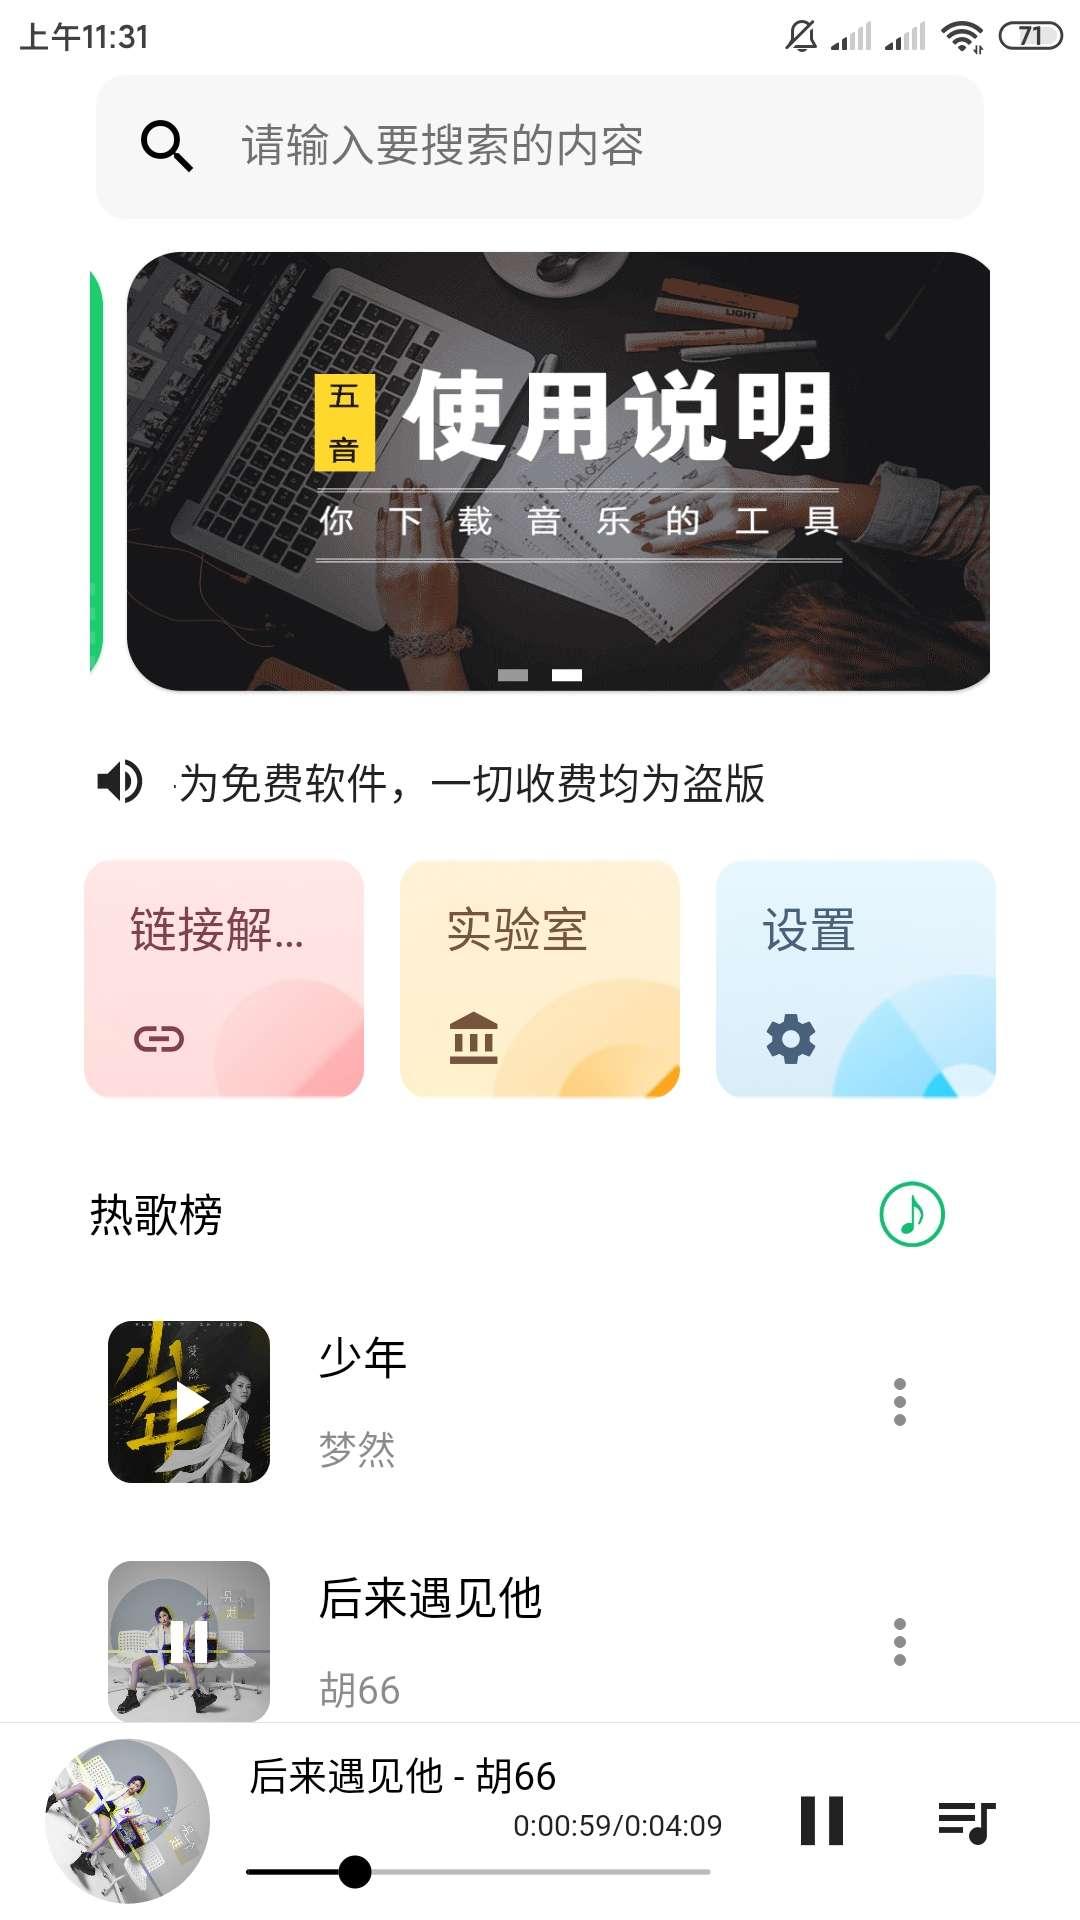 【分享】五音助手v2.3.1白嫖收费音乐资源